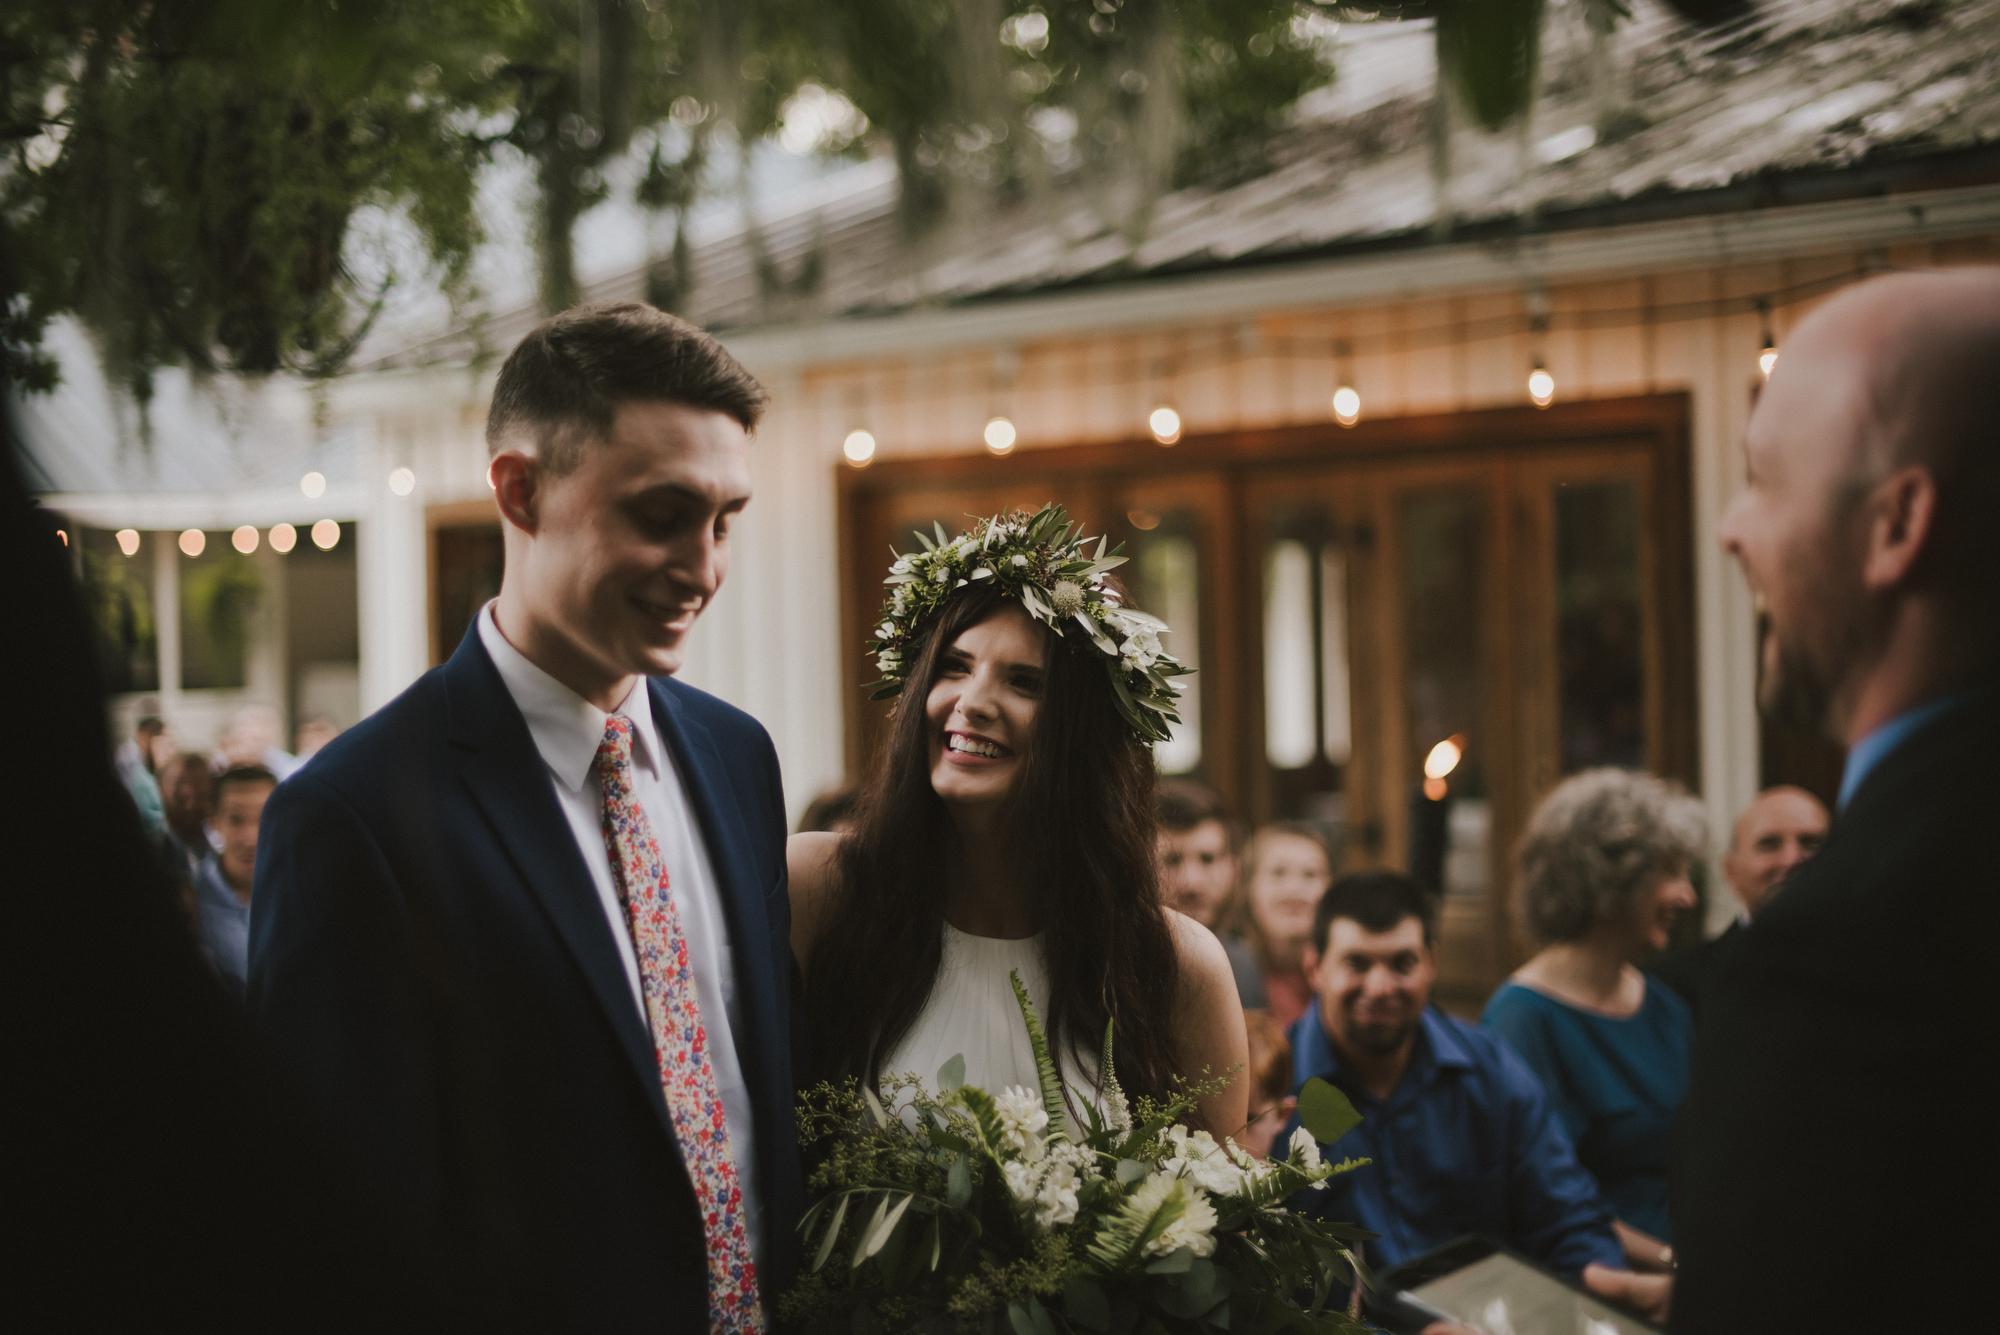 ofRen_weddingphotography083.JPG